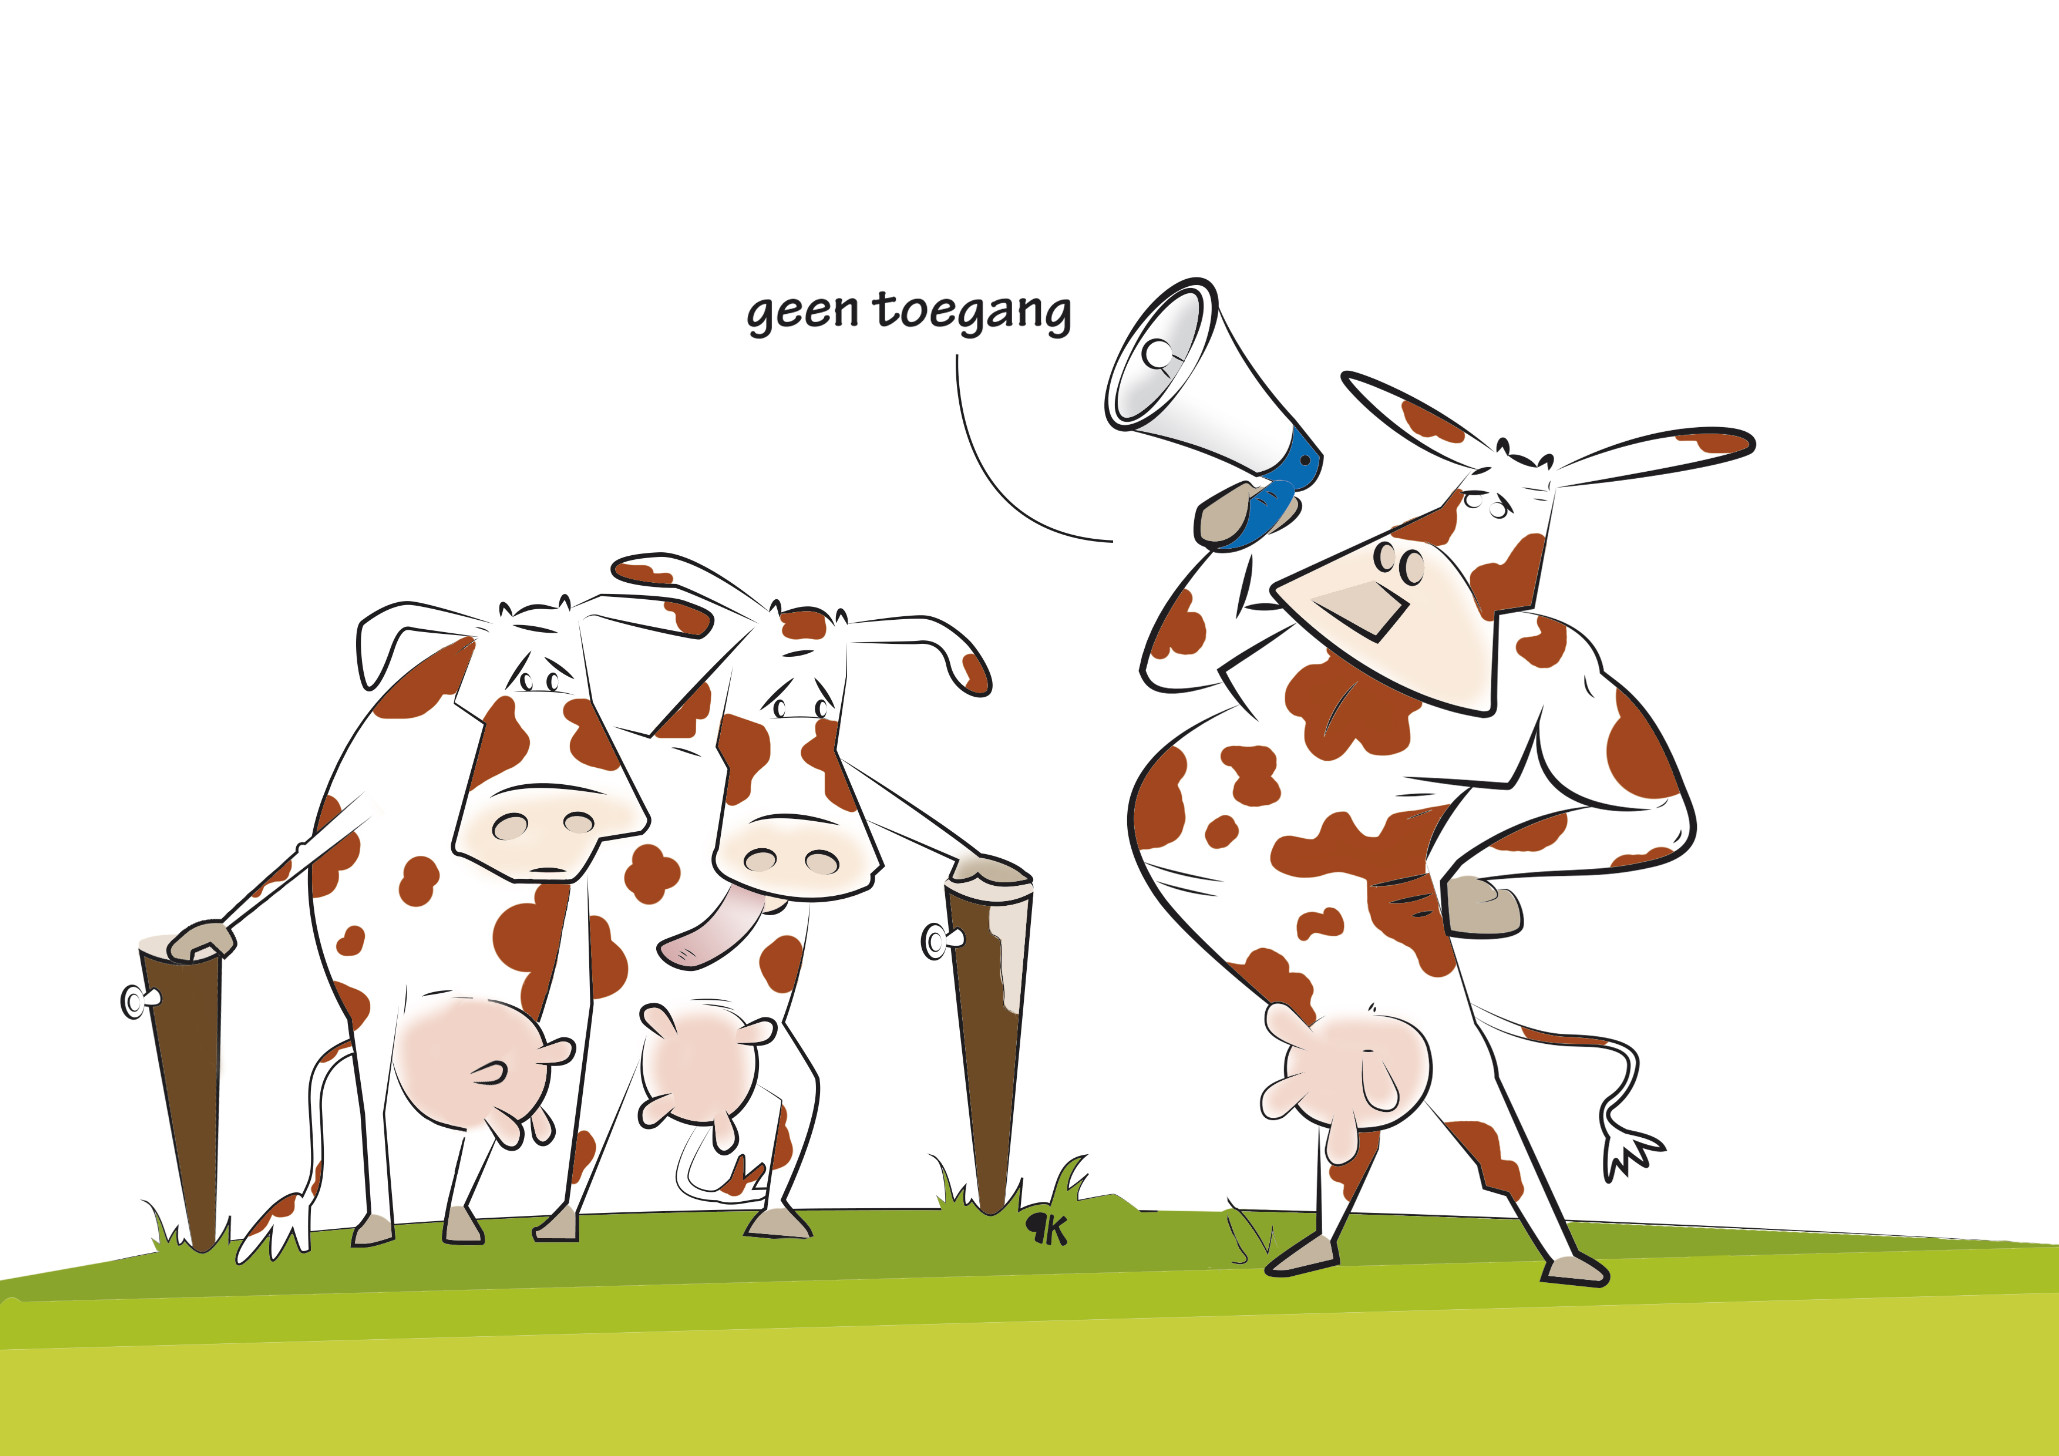 Geen veehouderijfaillissementen in derde kwartaal 2017